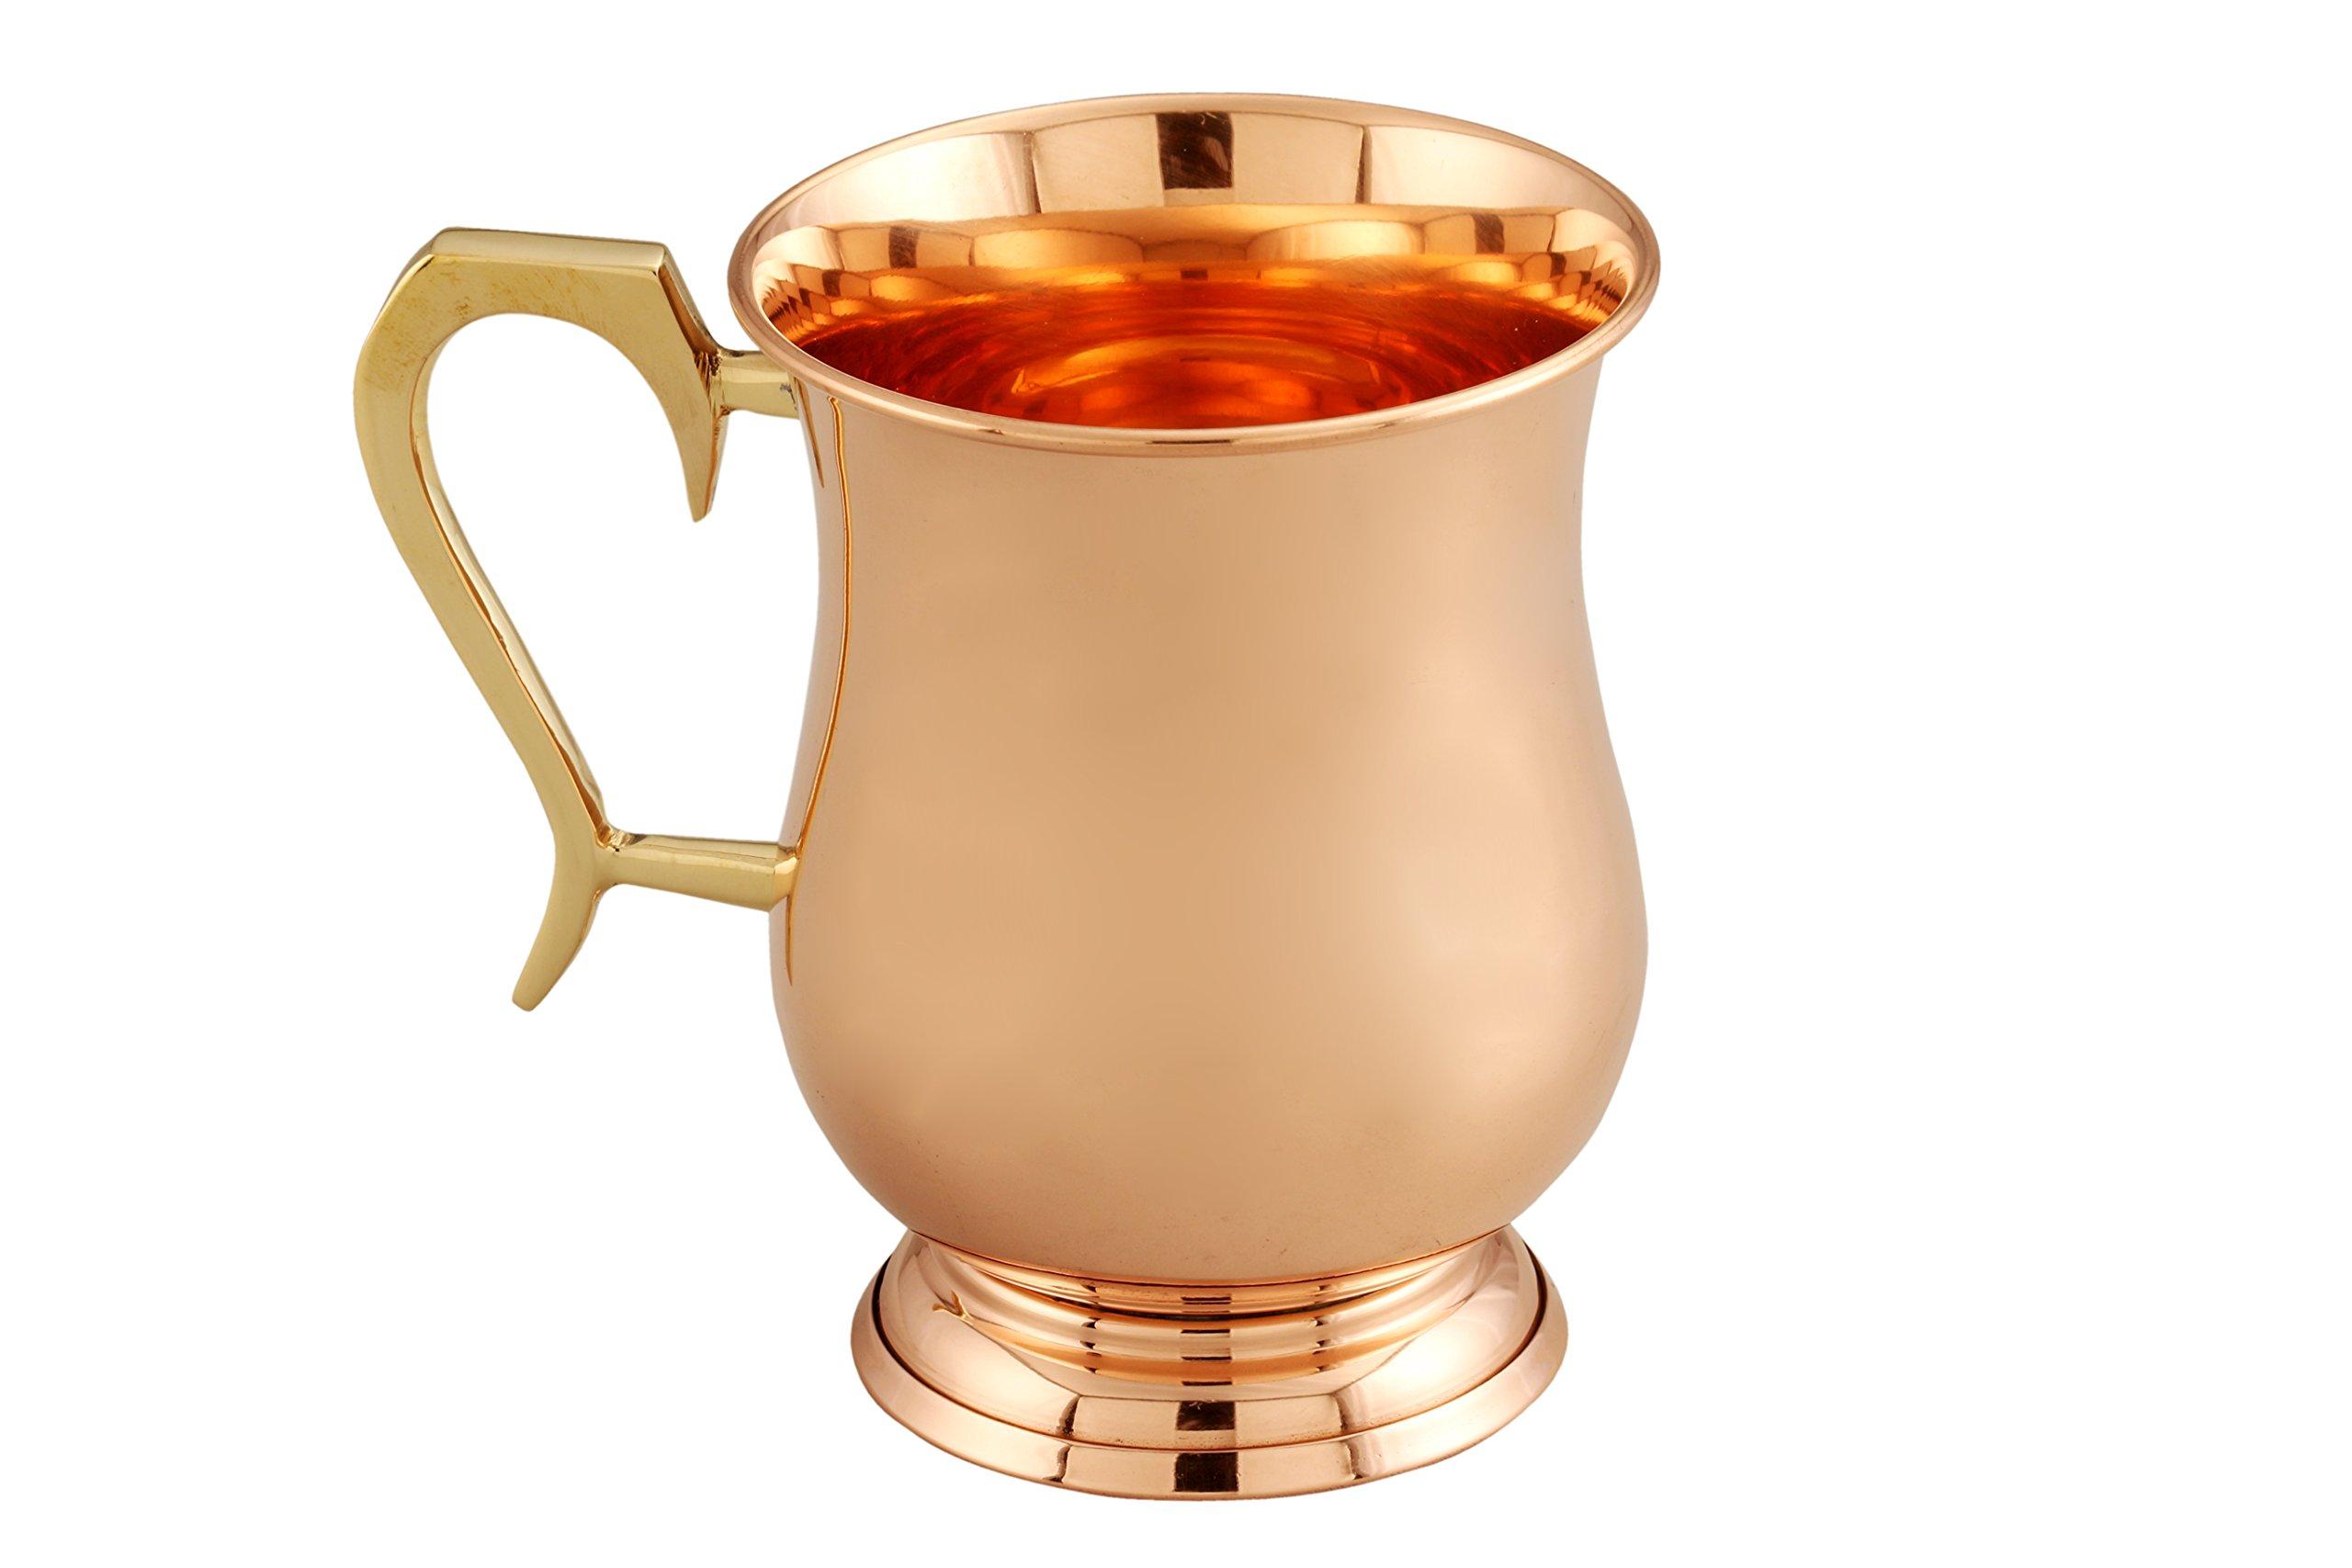 Melange 100% Authentic Copper Royal Moscow Mule Mug, Size-16 Oz, Set of 24 Mugs